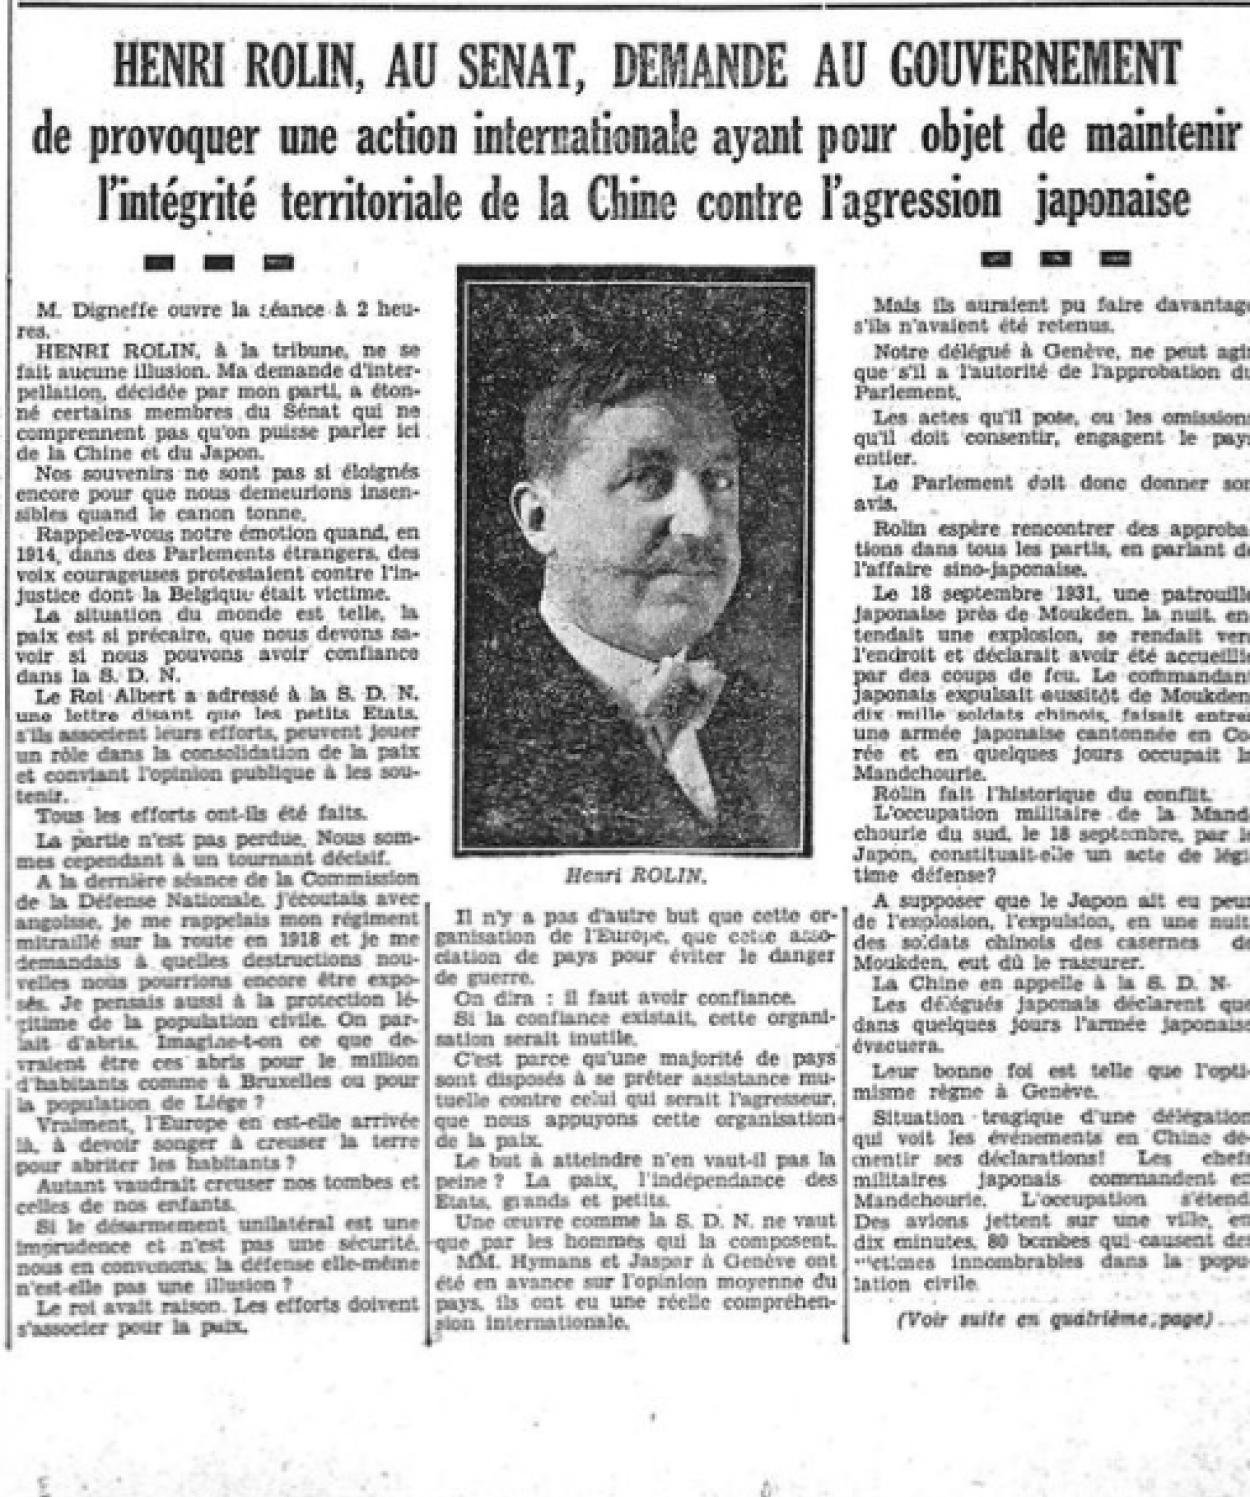 le-peuple-23-3-1933-p-1.png